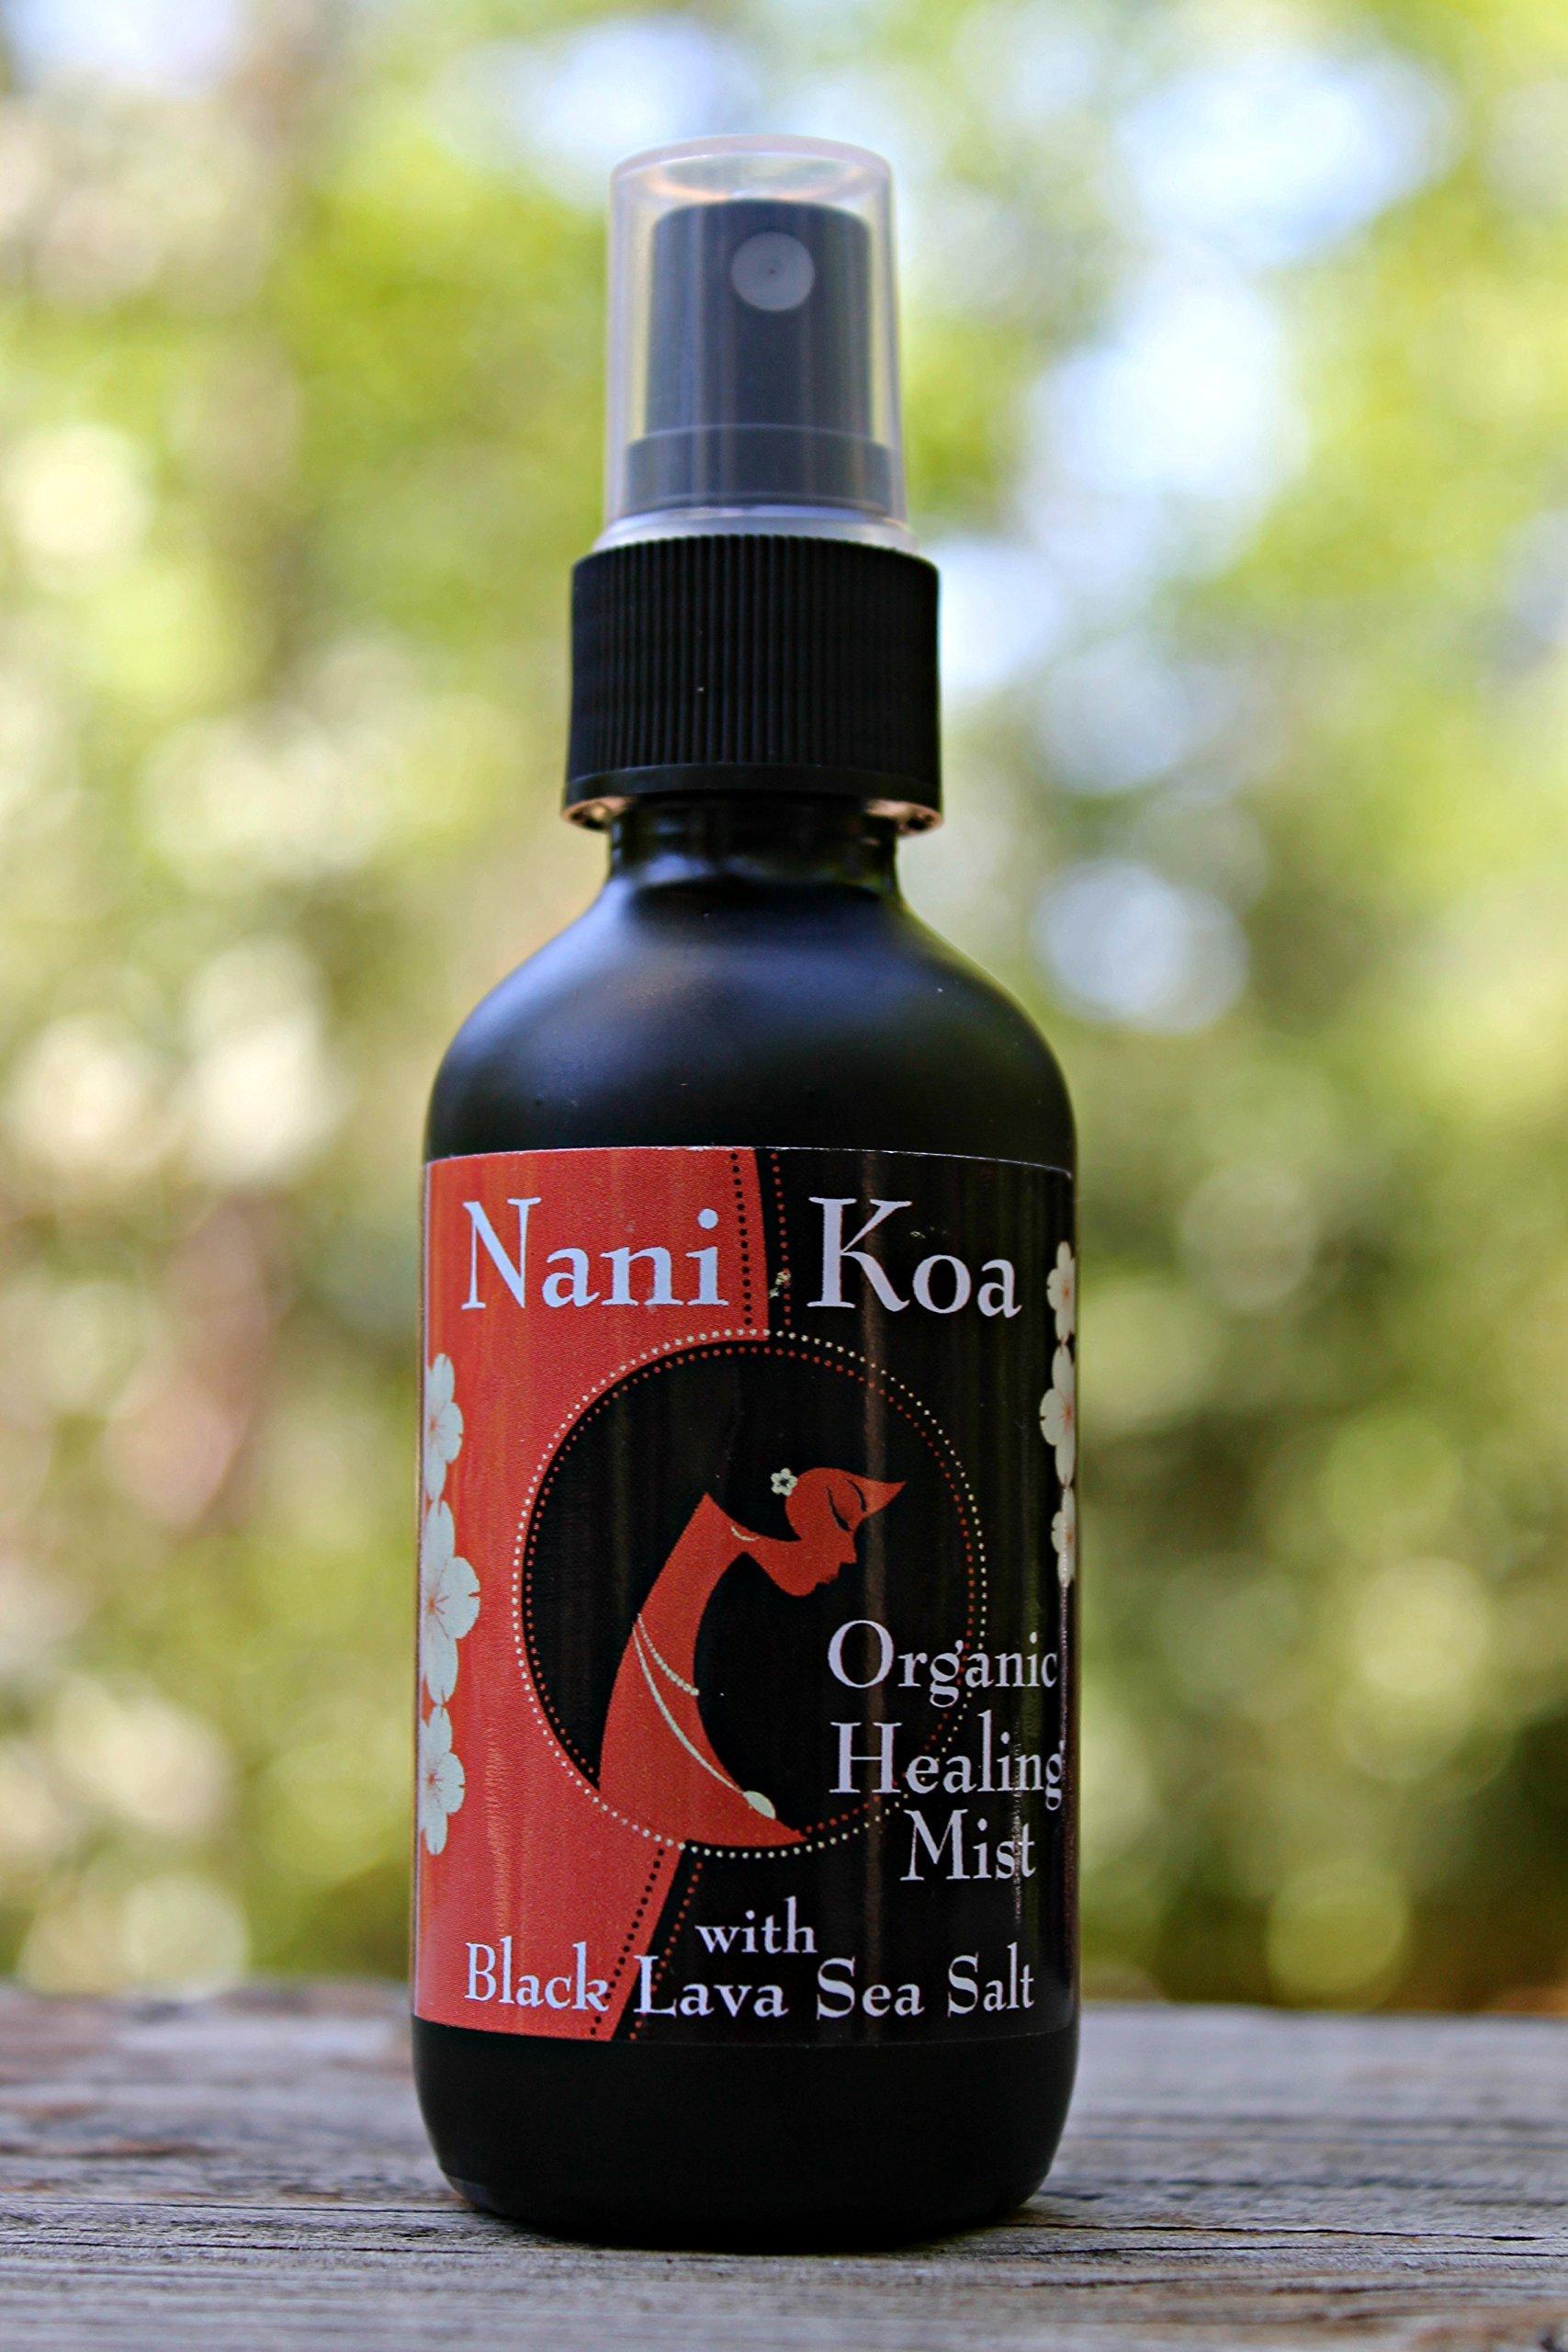 Nani Koa Hawaiian Organic Body Mist